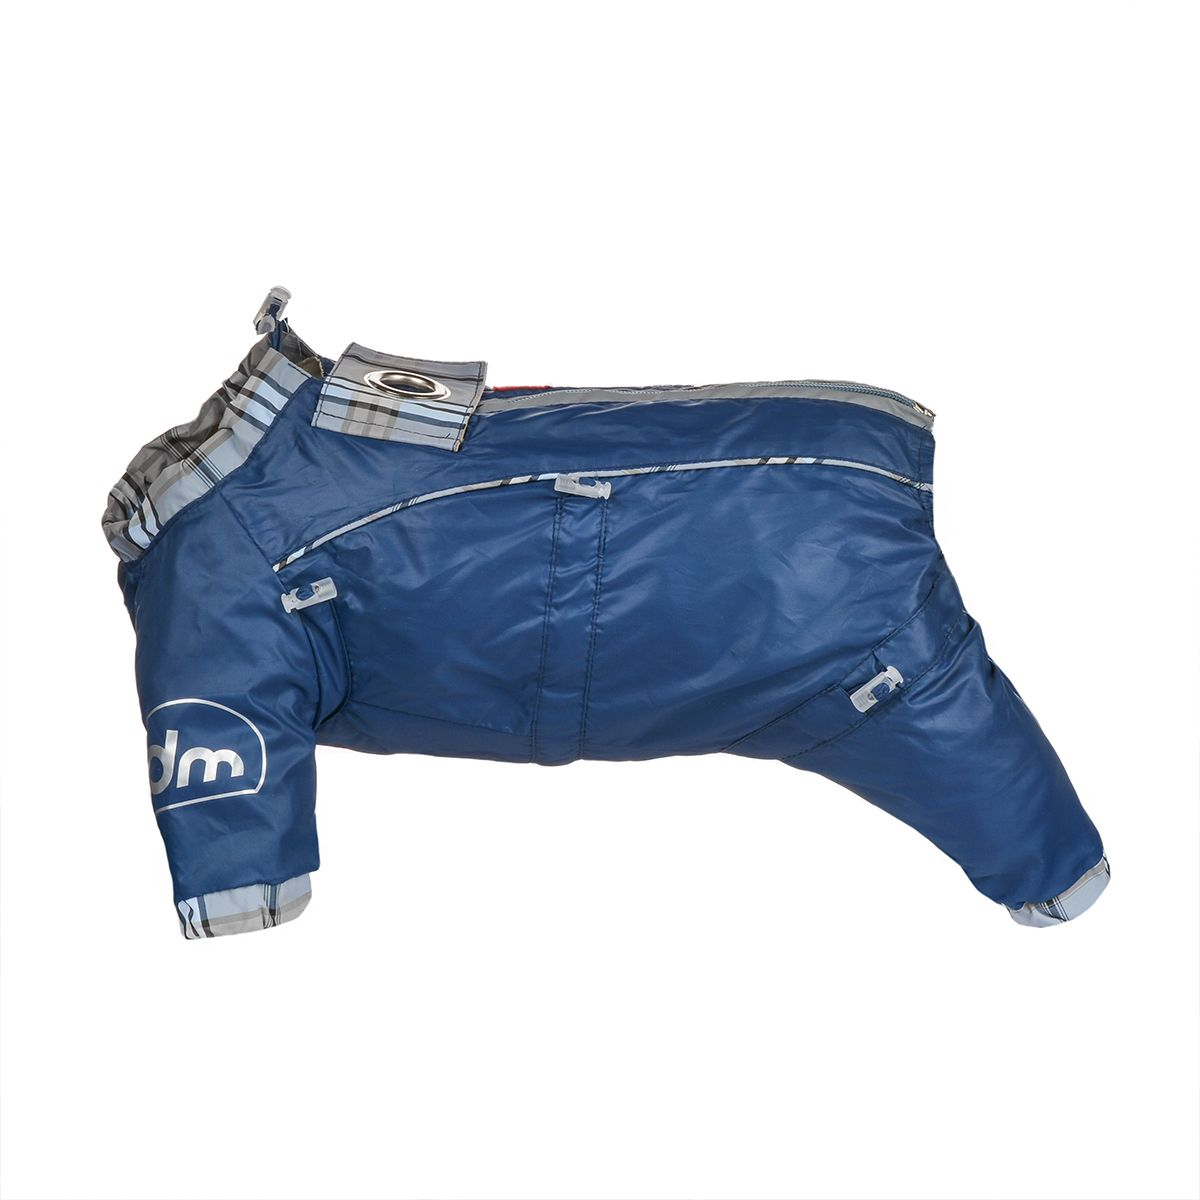 Комбинезон для собак Dogmoda Doggs, для мальчика, цвет: темно-синий. Размер XLDM-140520Комбинезон для собак Dogmoda Doggs отлично подойдет для прогулок в ветреную погоду. Комбинезон изготовлен из полиэстера, защищающего от ветра и осадков, с подкладкой из вискозы, которая обеспечит отличный воздухообмен. Комбинезон застегивается на молнию и липучку, благодаря чему его легко надевать и снимать. Молния снабжена светоотражающими элементами. Низ рукавов и брючин оснащен внутренними резинками, которые мягко обхватывают лапки, не позволяя просачиваться холодному воздуху. На вороте, пояснице и лапках комбинезон затягивается на шнурок-кулиску с затяжкой. Модель снабжена непромокаемым карманом для размещения записки с информацией о вашем питомце, на случай если он потеряется.Благодаря такому комбинезону простуда не грозит вашему питомцу и он не даст любимцу продрогнуть на прогулке.Одежда для собак: нужна ли она и как её выбрать. Статья OZON Гид